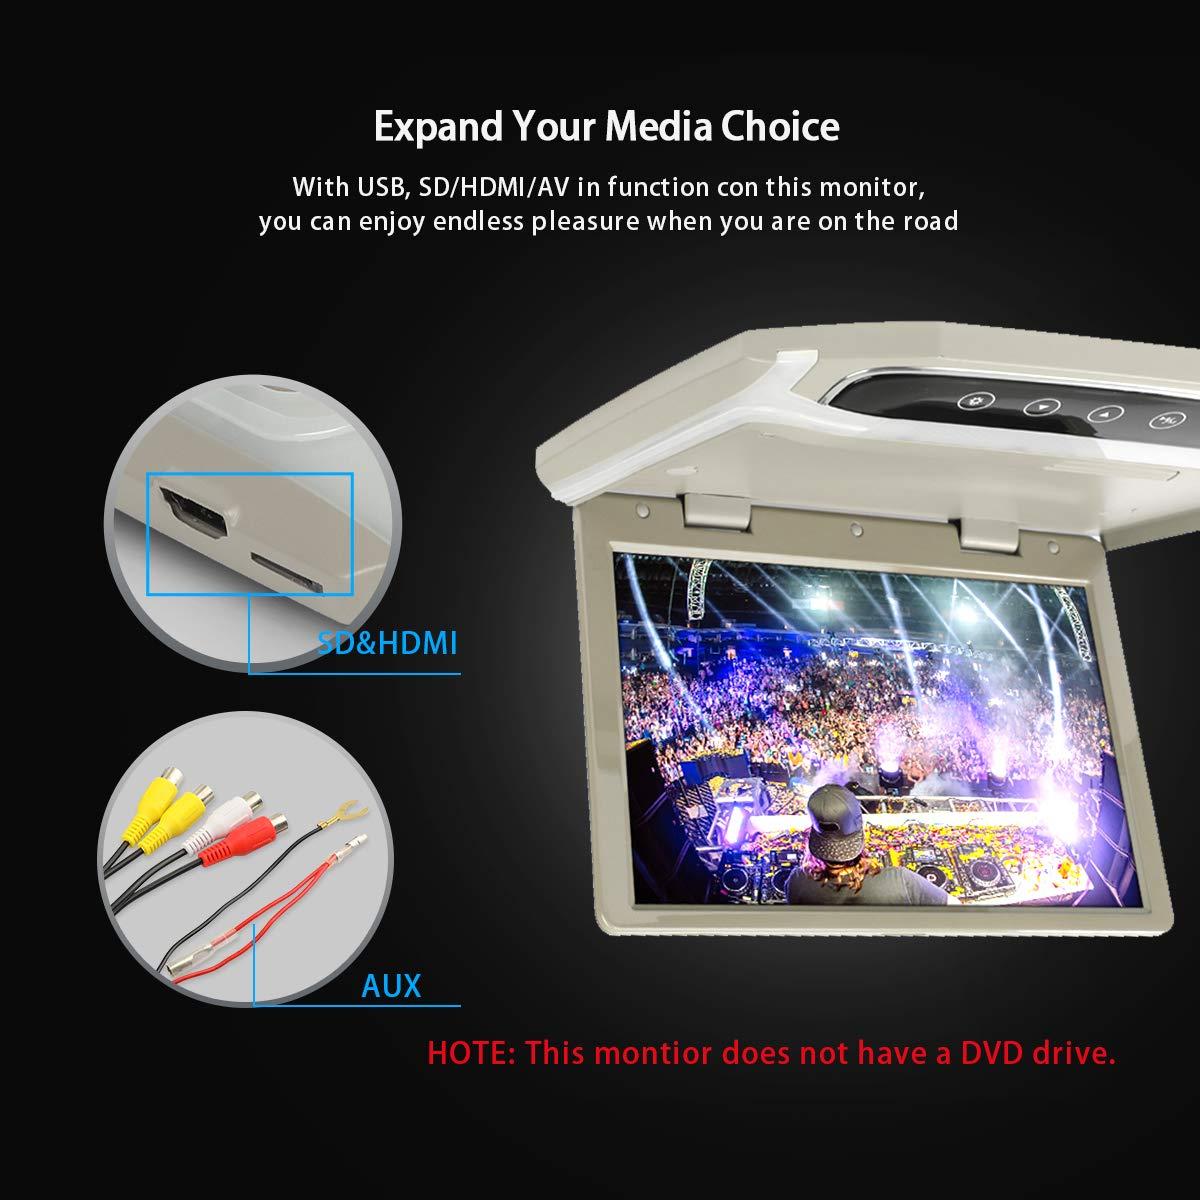 MiCarBa 10,1 Pouces Flip Down Moniteur pour Voiture 1080p HD LCD TFT Voiture Toit Mount Monitor Ultra Mince Overhead Lecteur vid/éo HDMI SD MP3 MP4 avec LED 102HD-GR